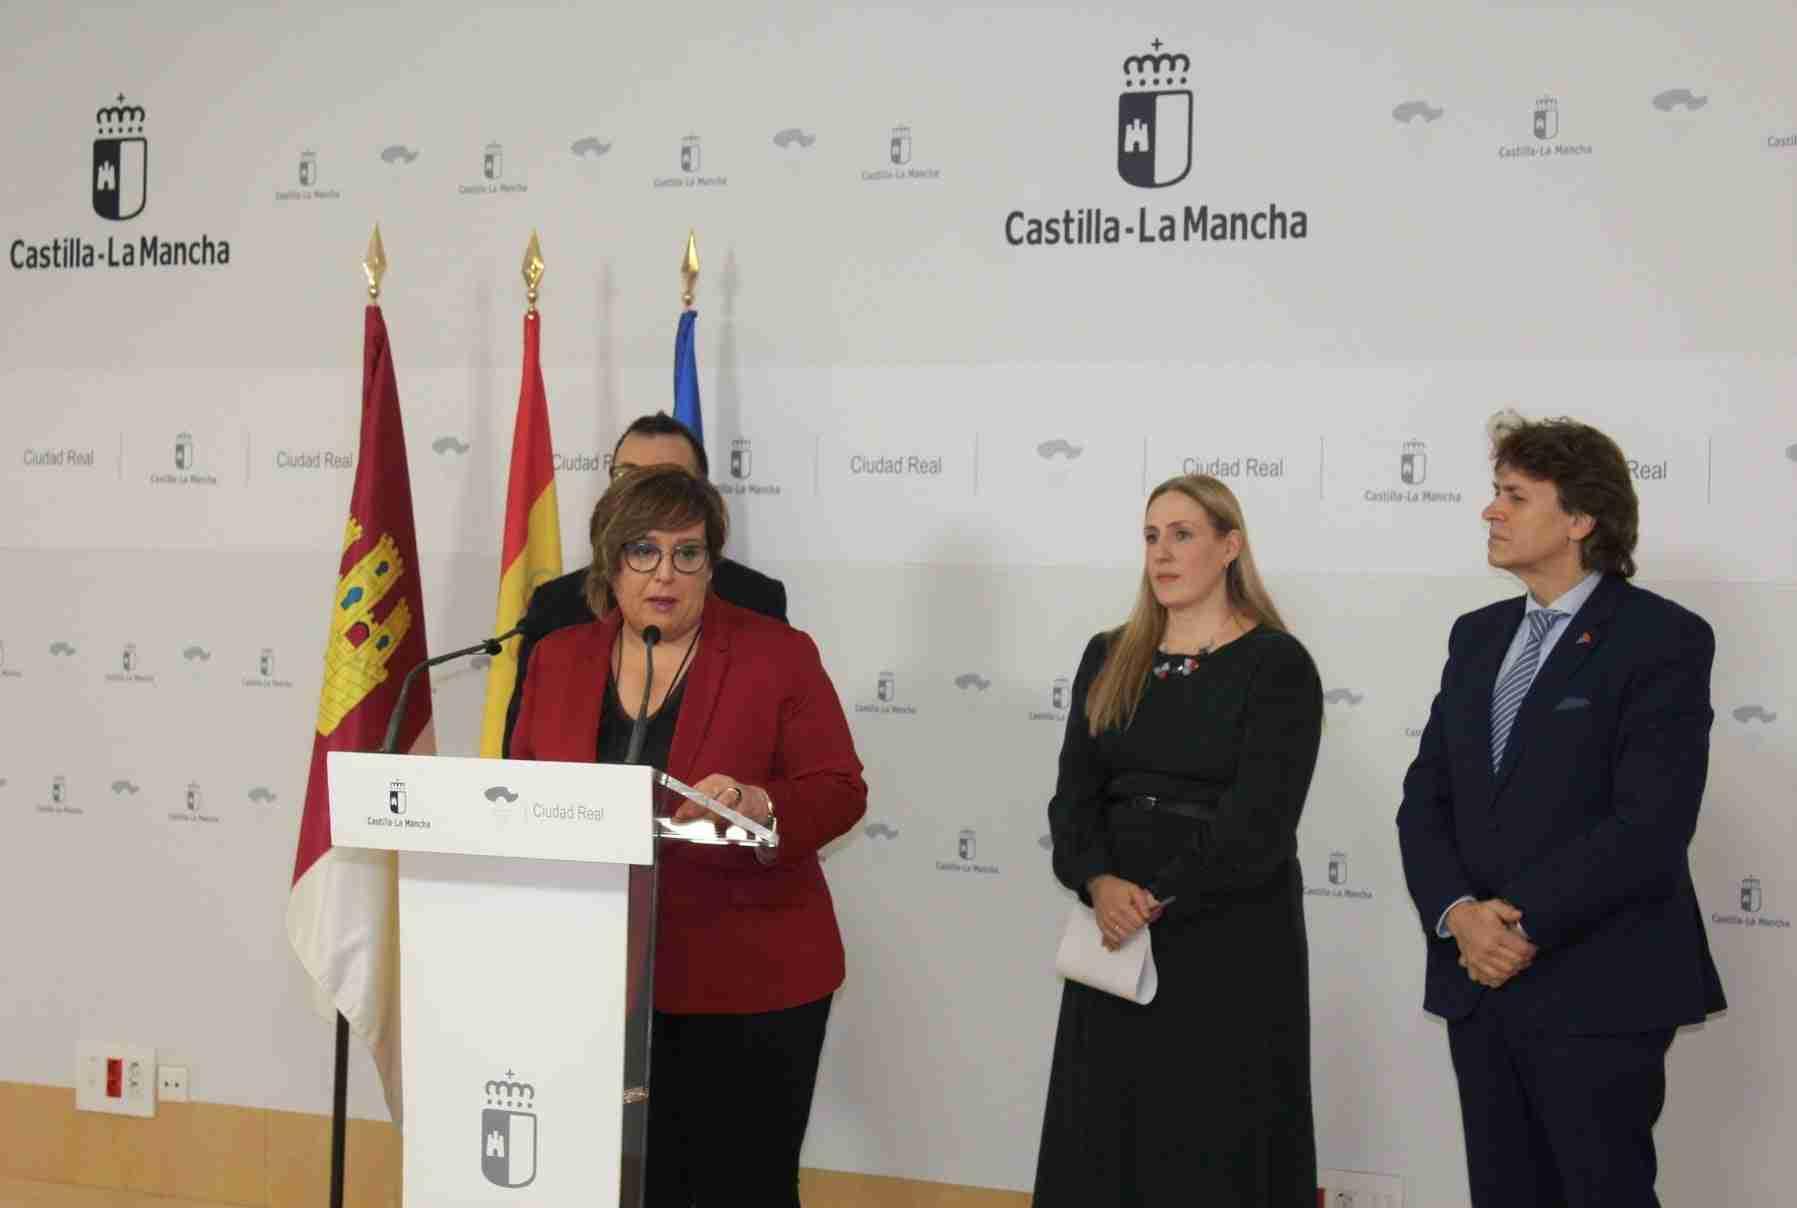 Presentaciones turísticas, gastronómicas, artesanía y talleres infantiles completan el día de Ciudad Real en FITUR 3